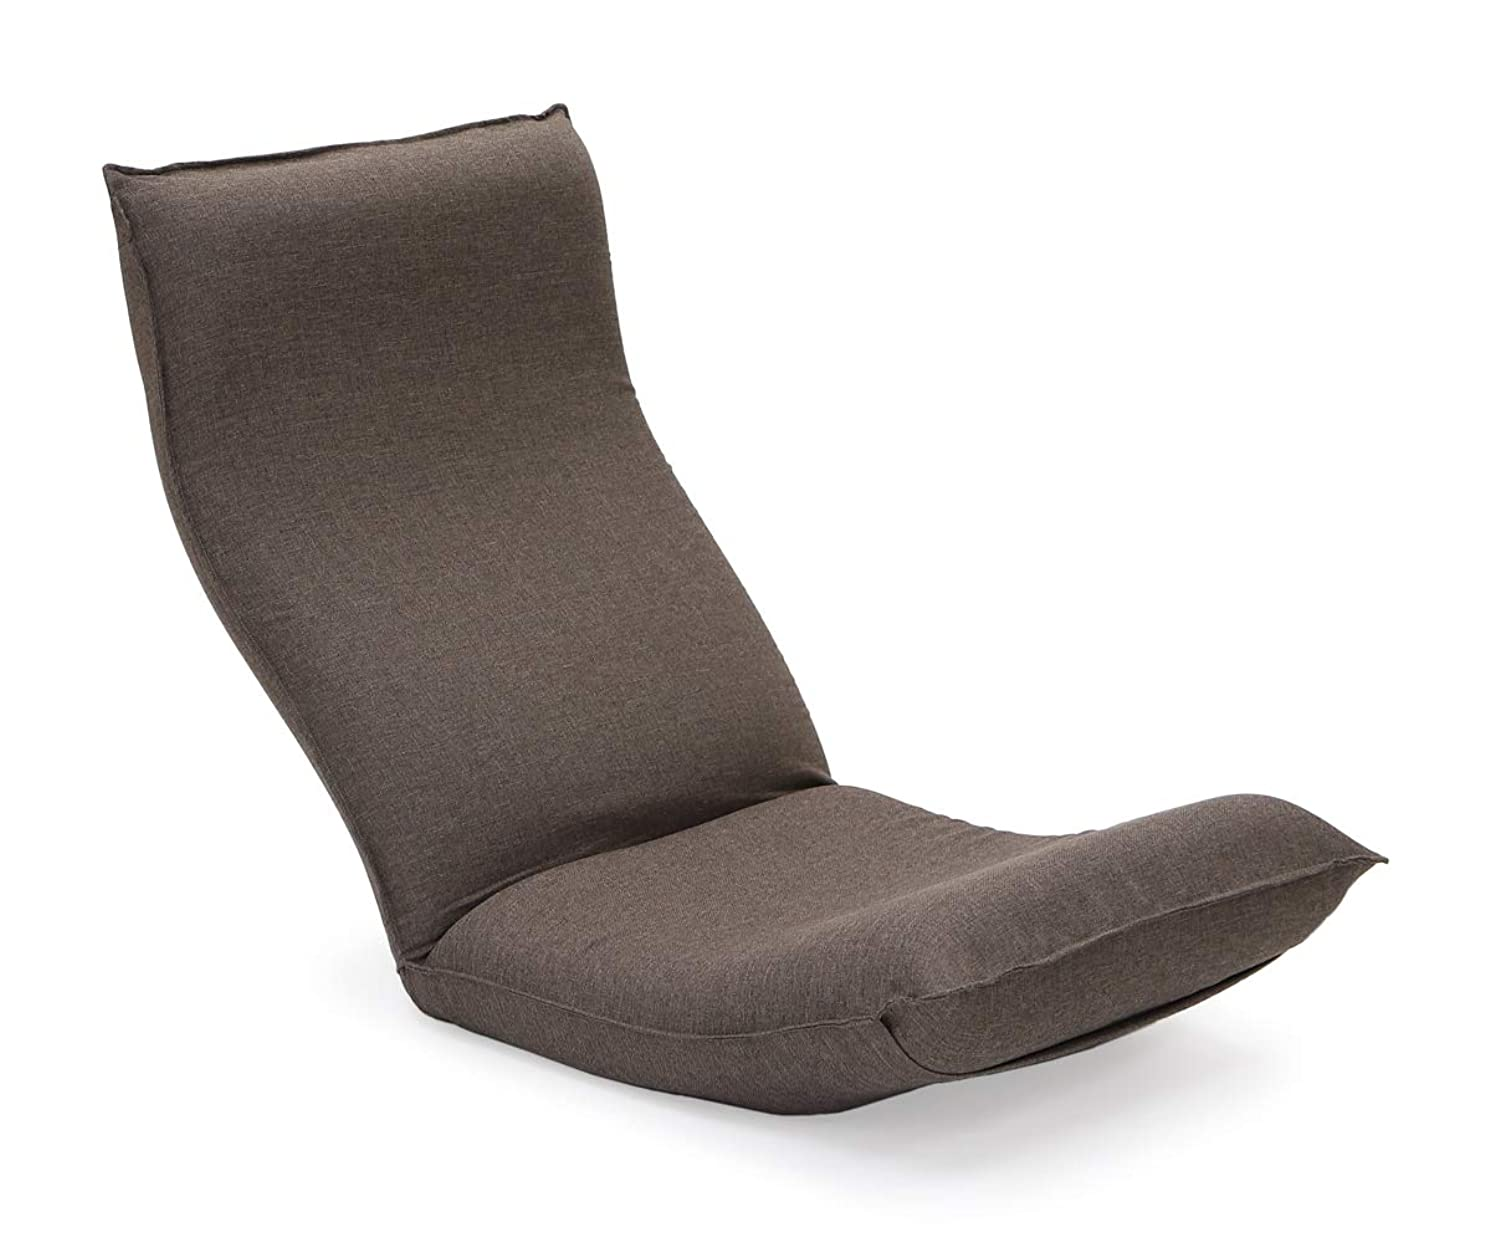 奴隷心理的にネックレス産学連携 サイズを選べるリラックスチェア3 Lサイズ ブラウン 腰痛 日本製 リクライニング 姿勢 人気 ヘッドリクライニング ハイバック